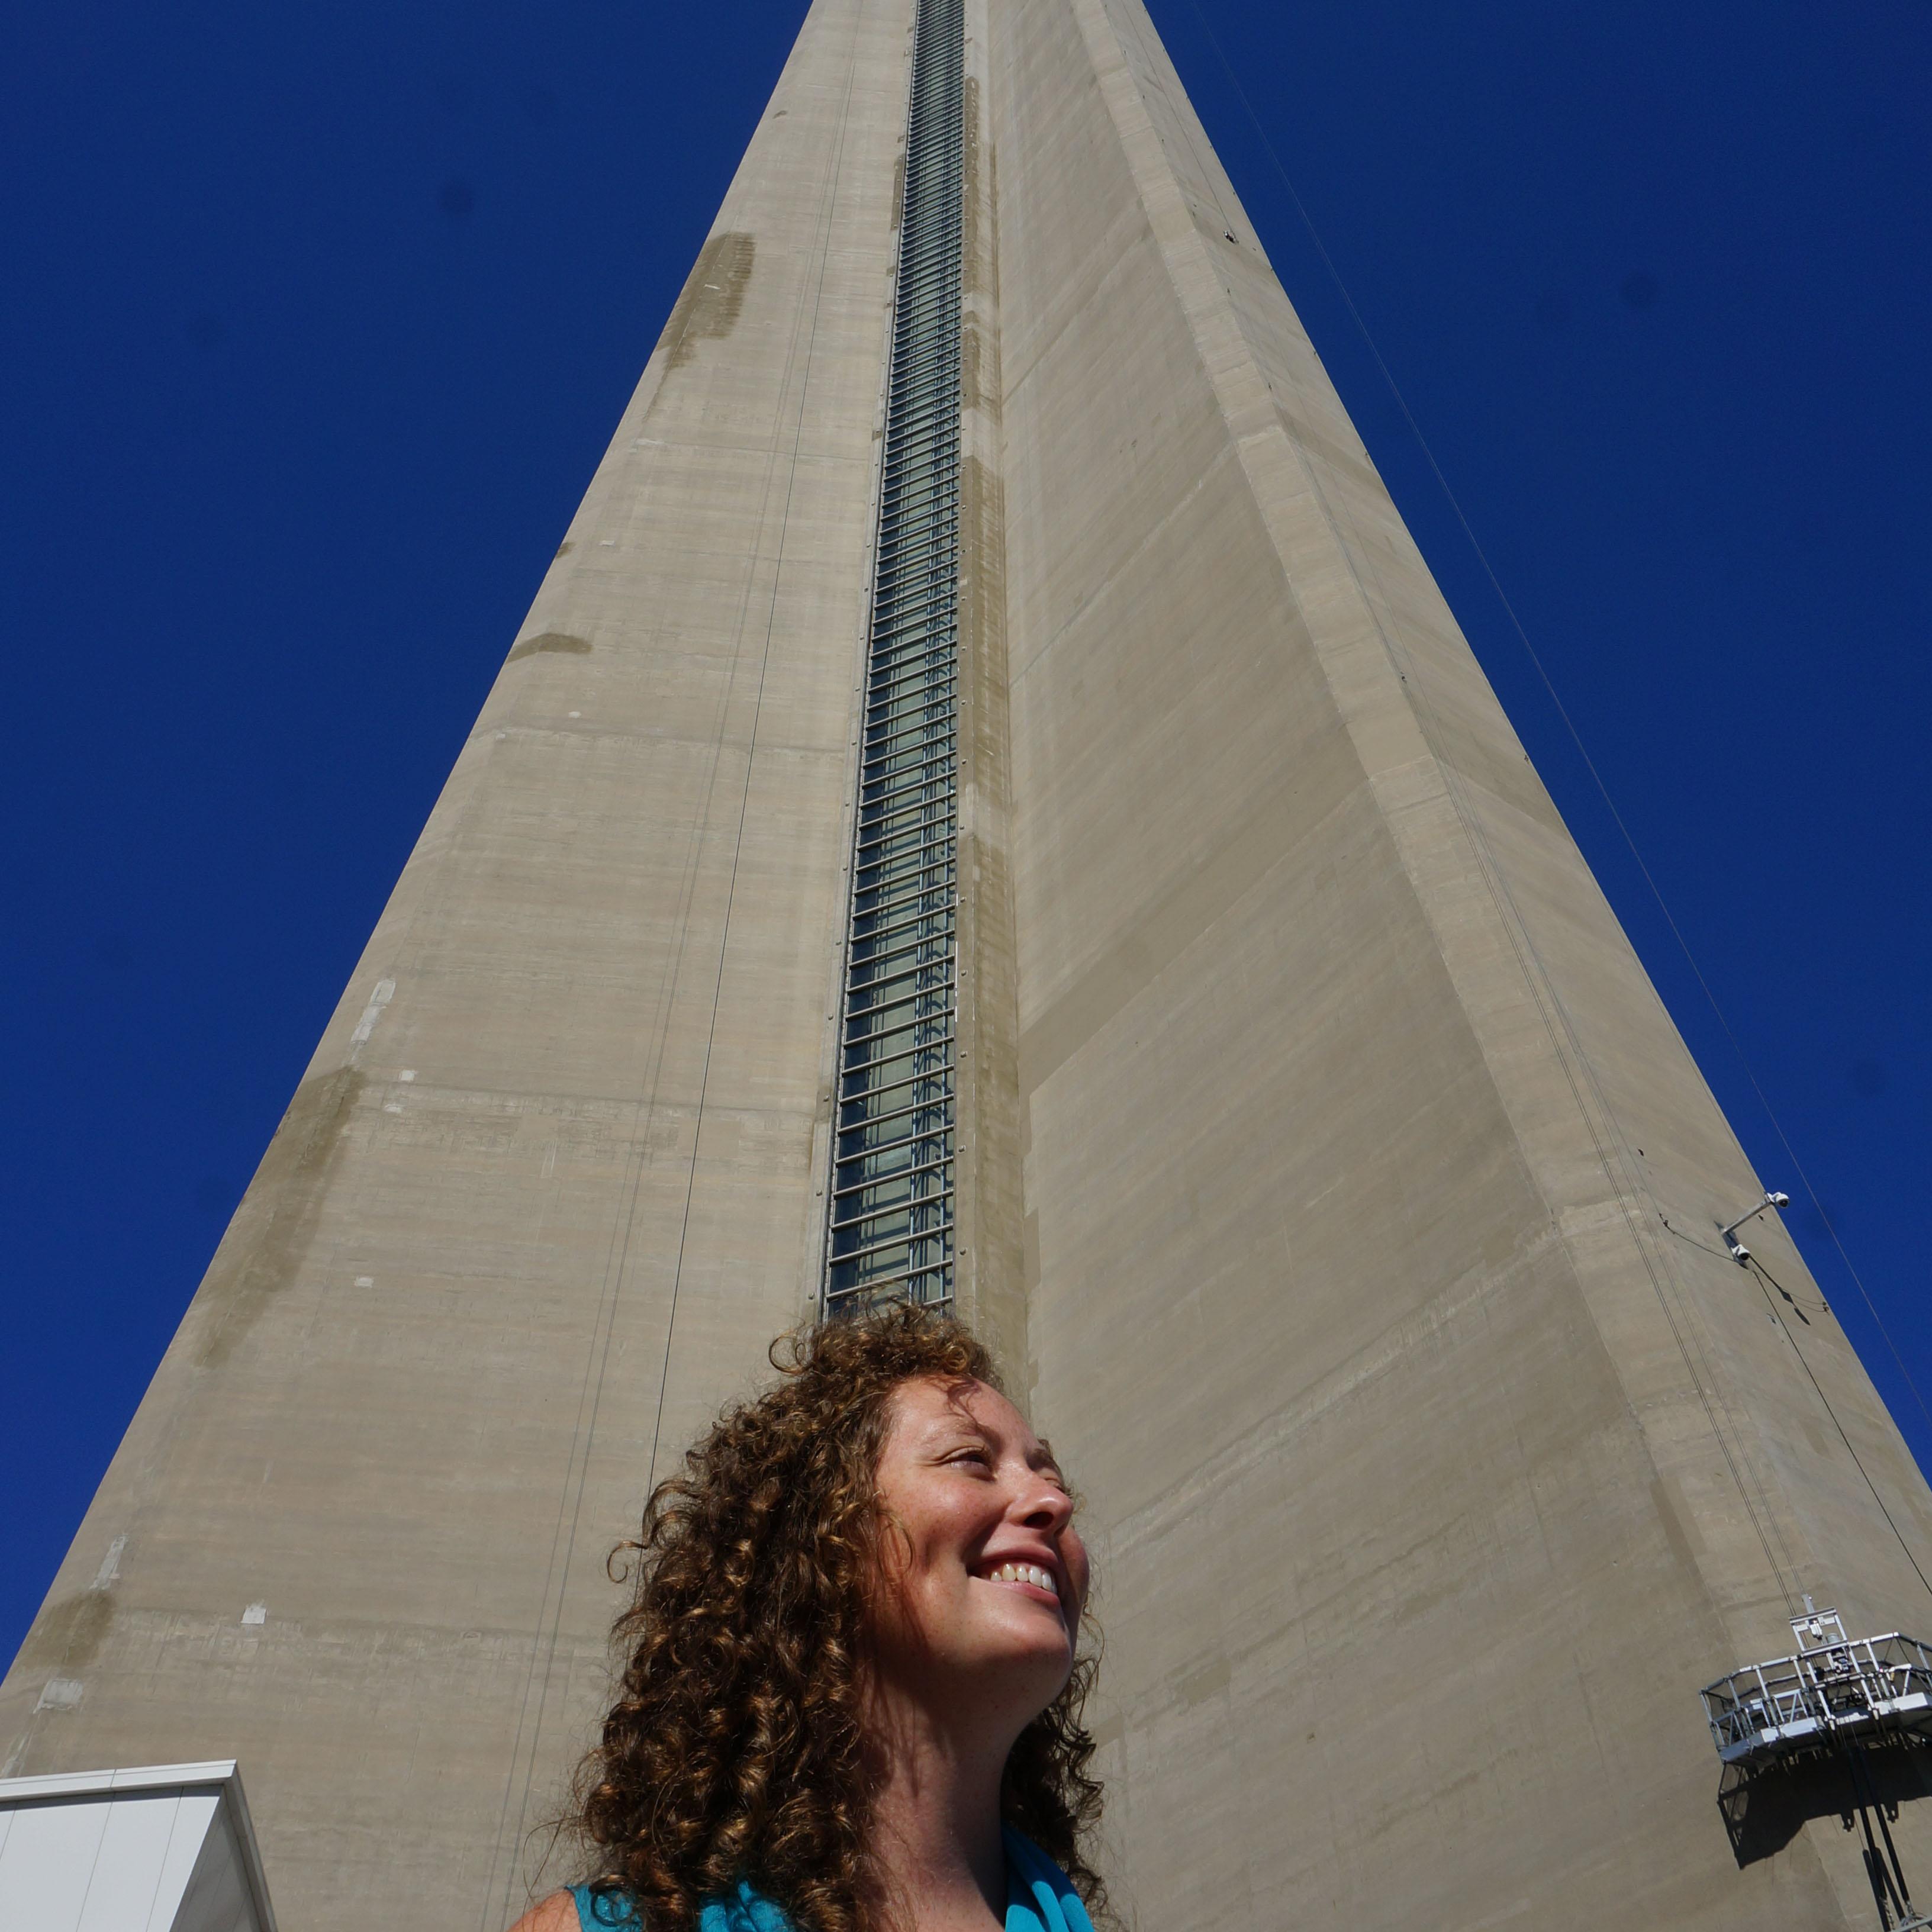 Kalene in Toronto